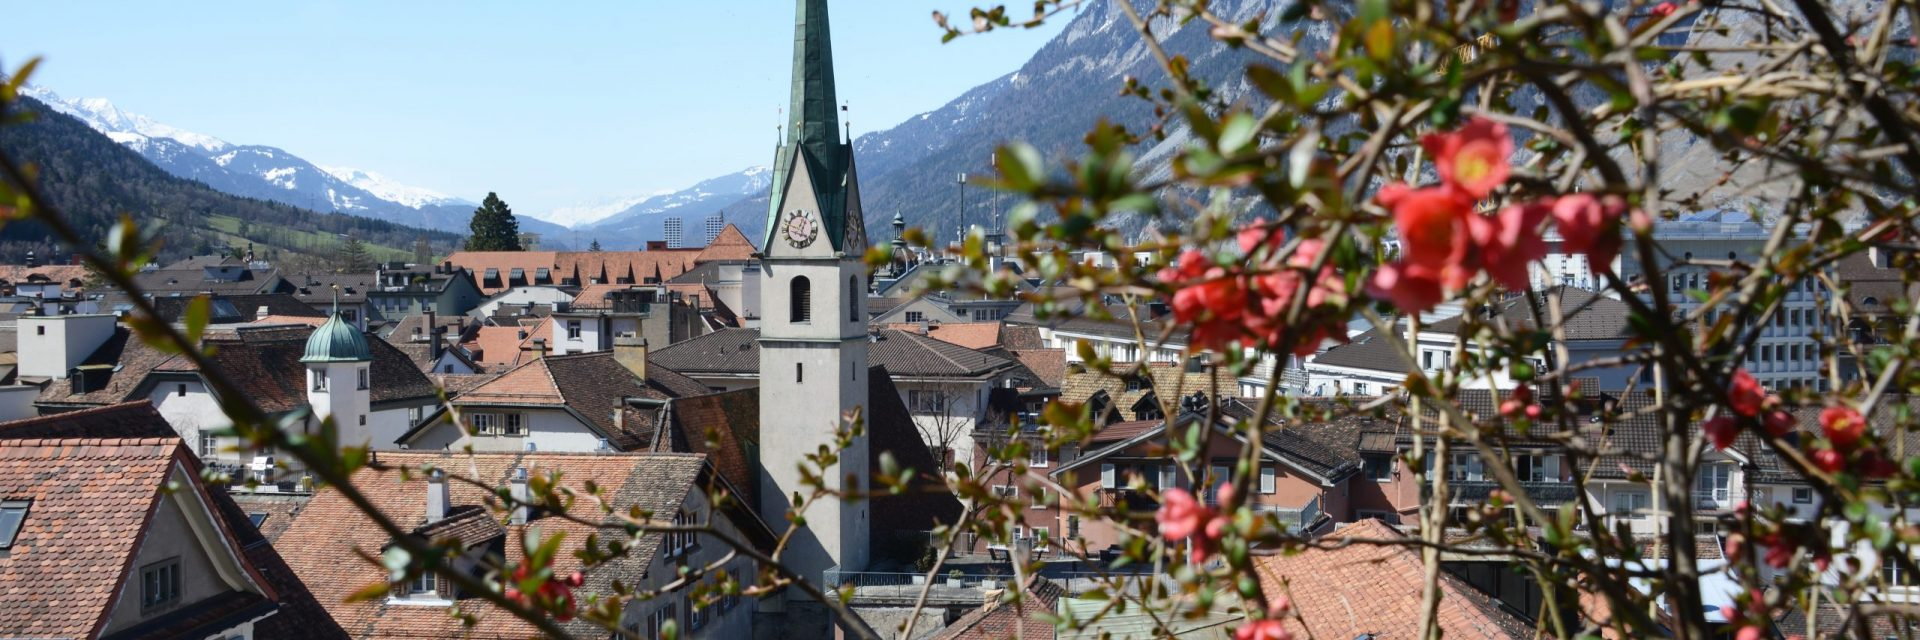 Regula, Frühling, Kirchen